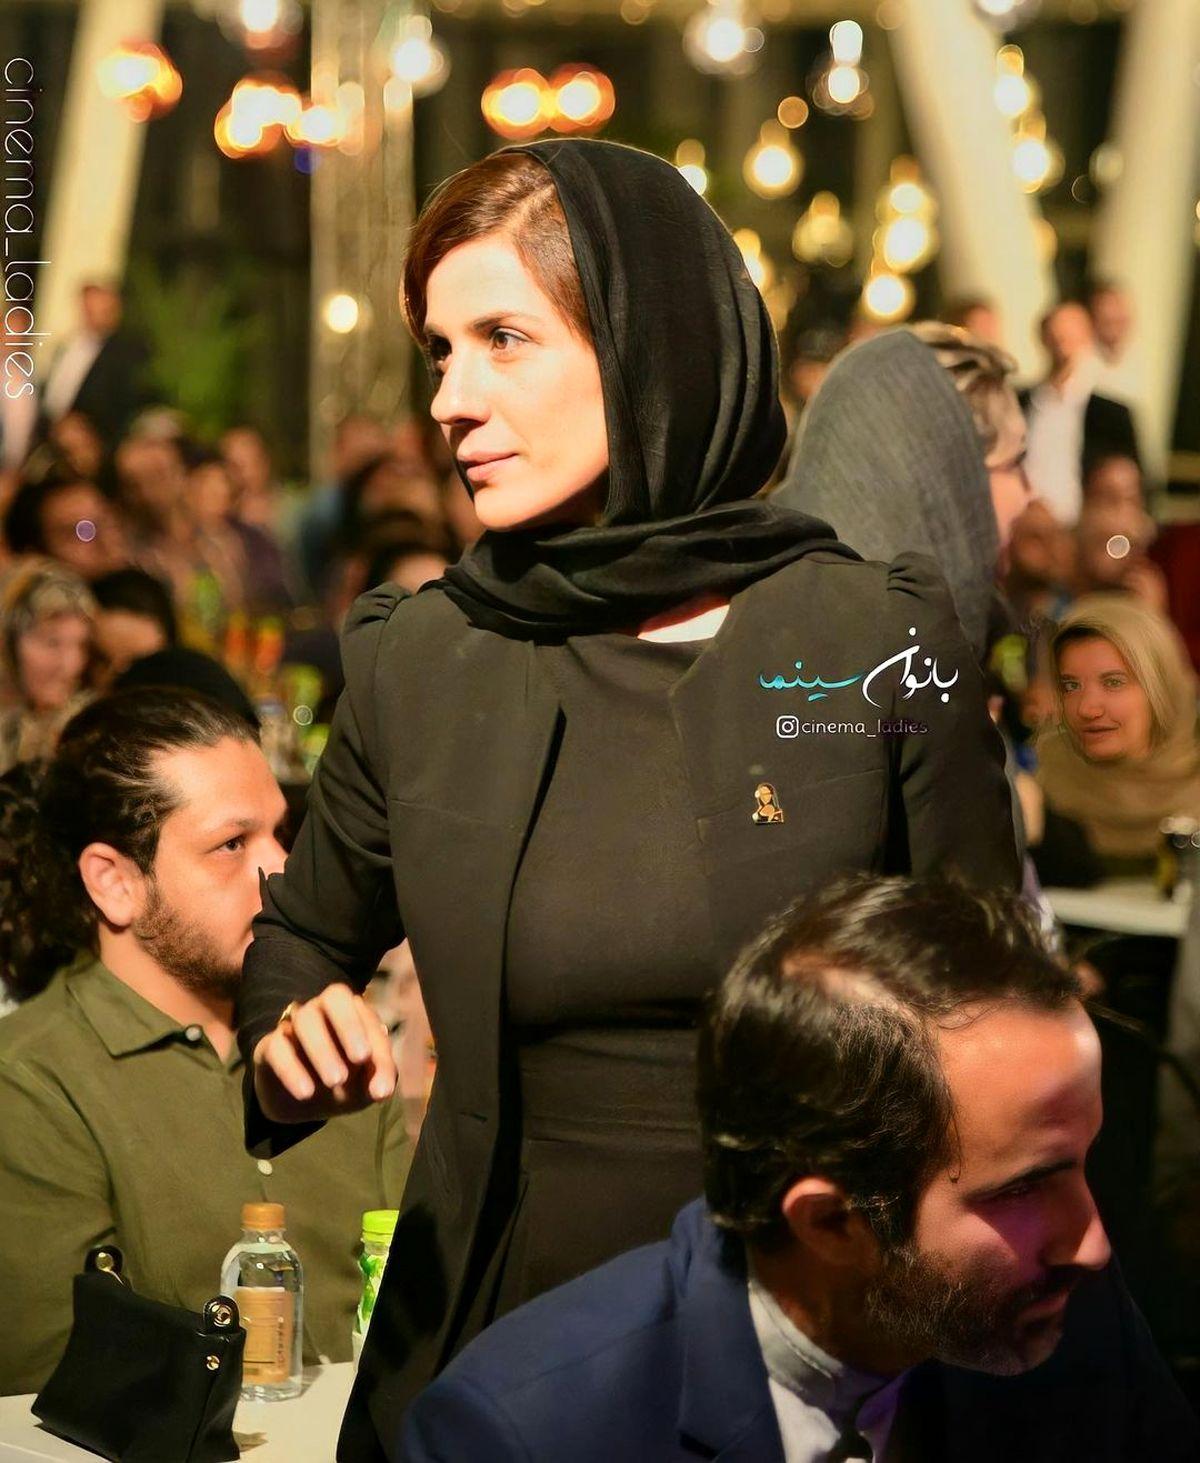 لباس چسبان و غیر عادی سارا بهرامی + عکس